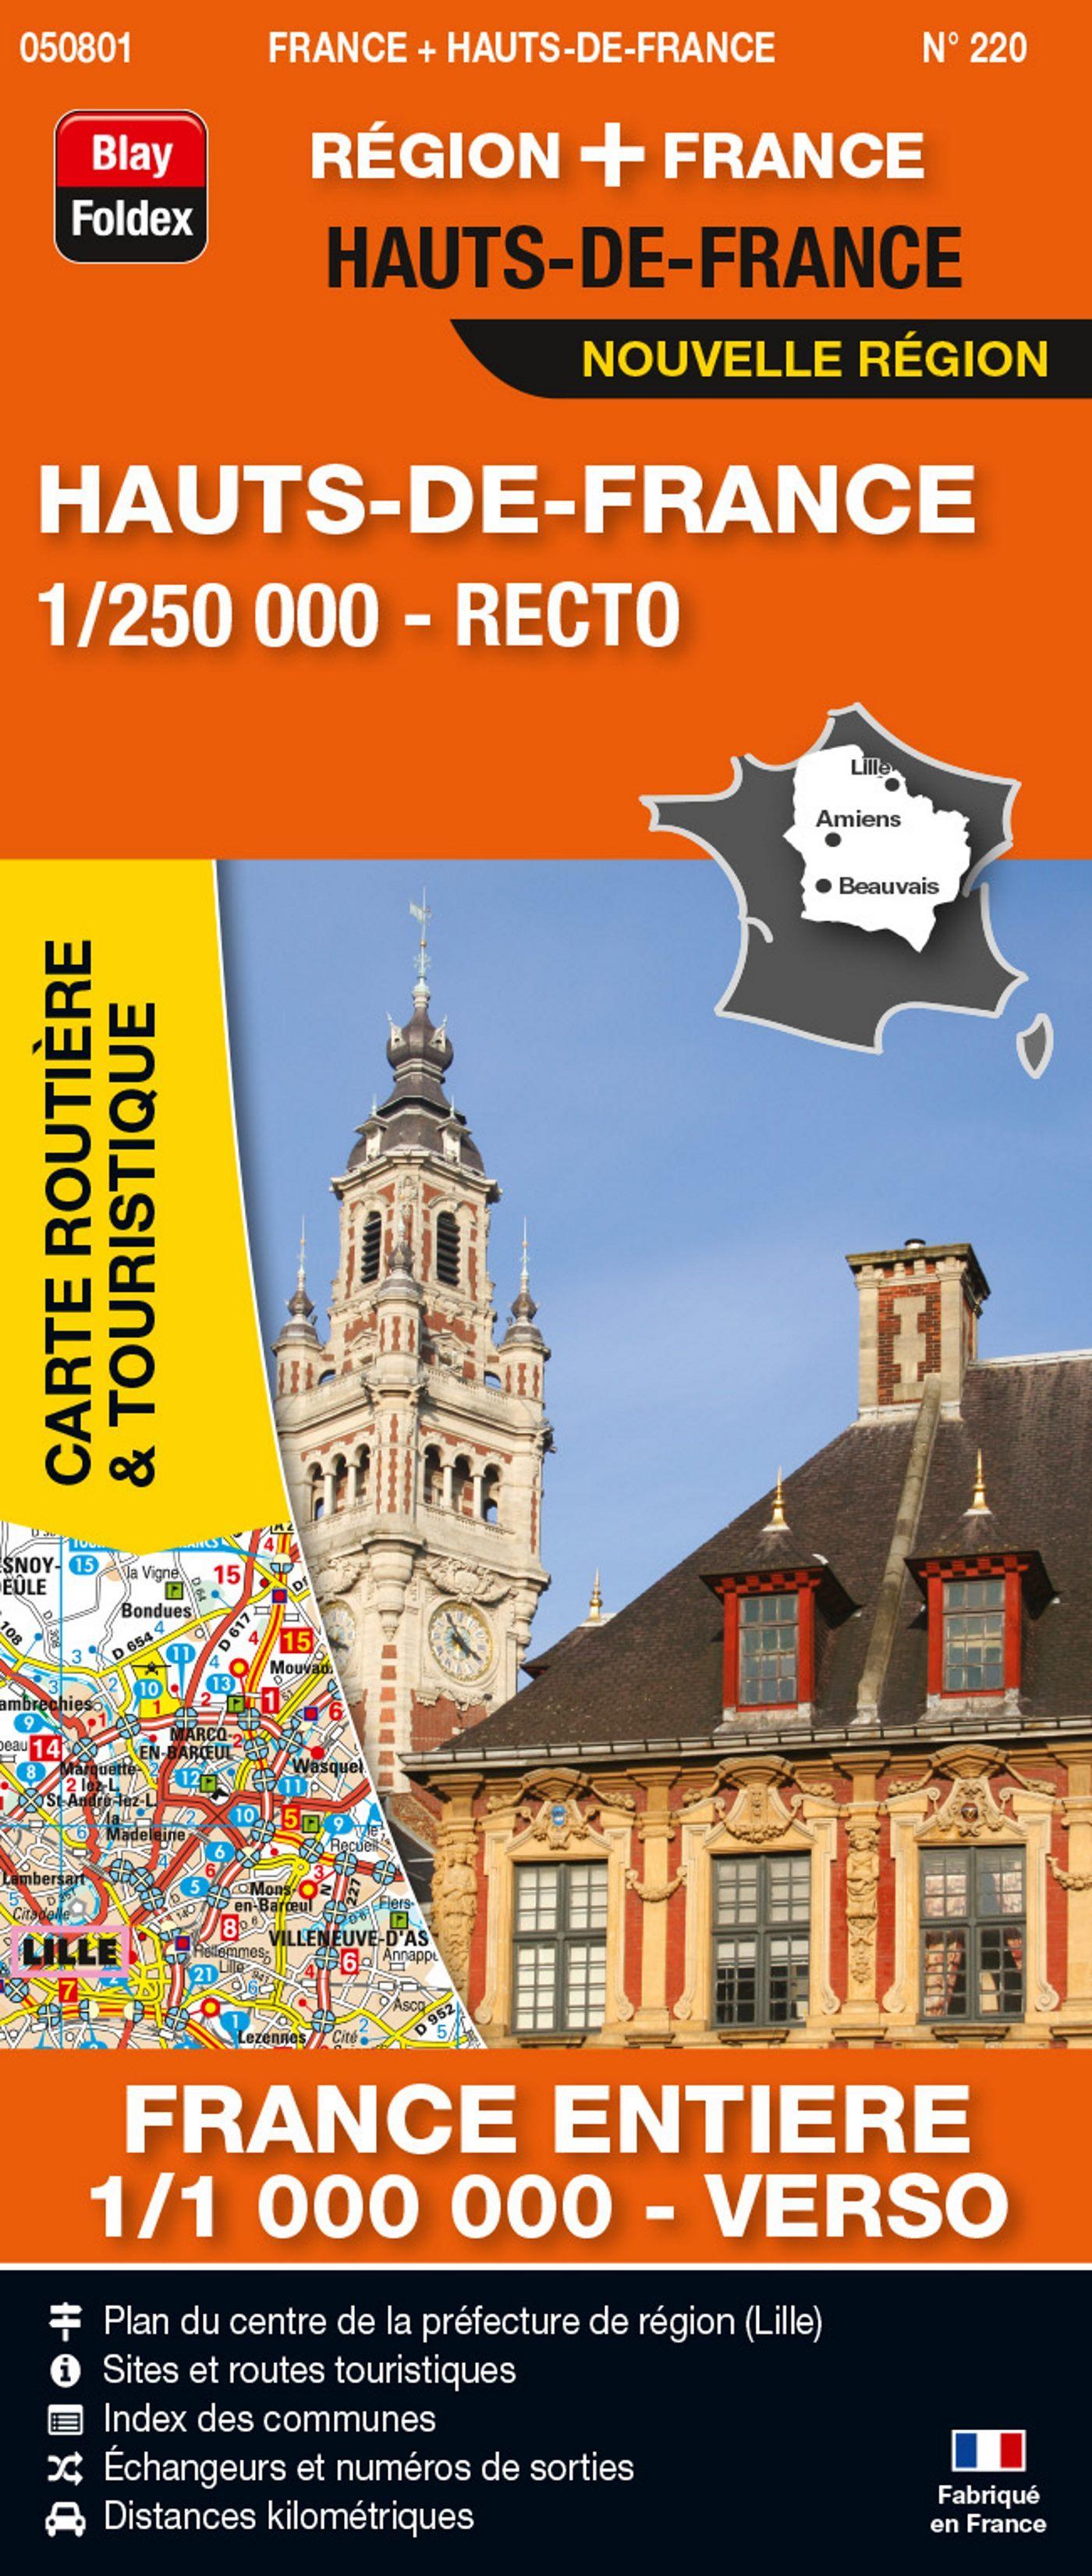 220 - HAUTS-DE-FRANCE